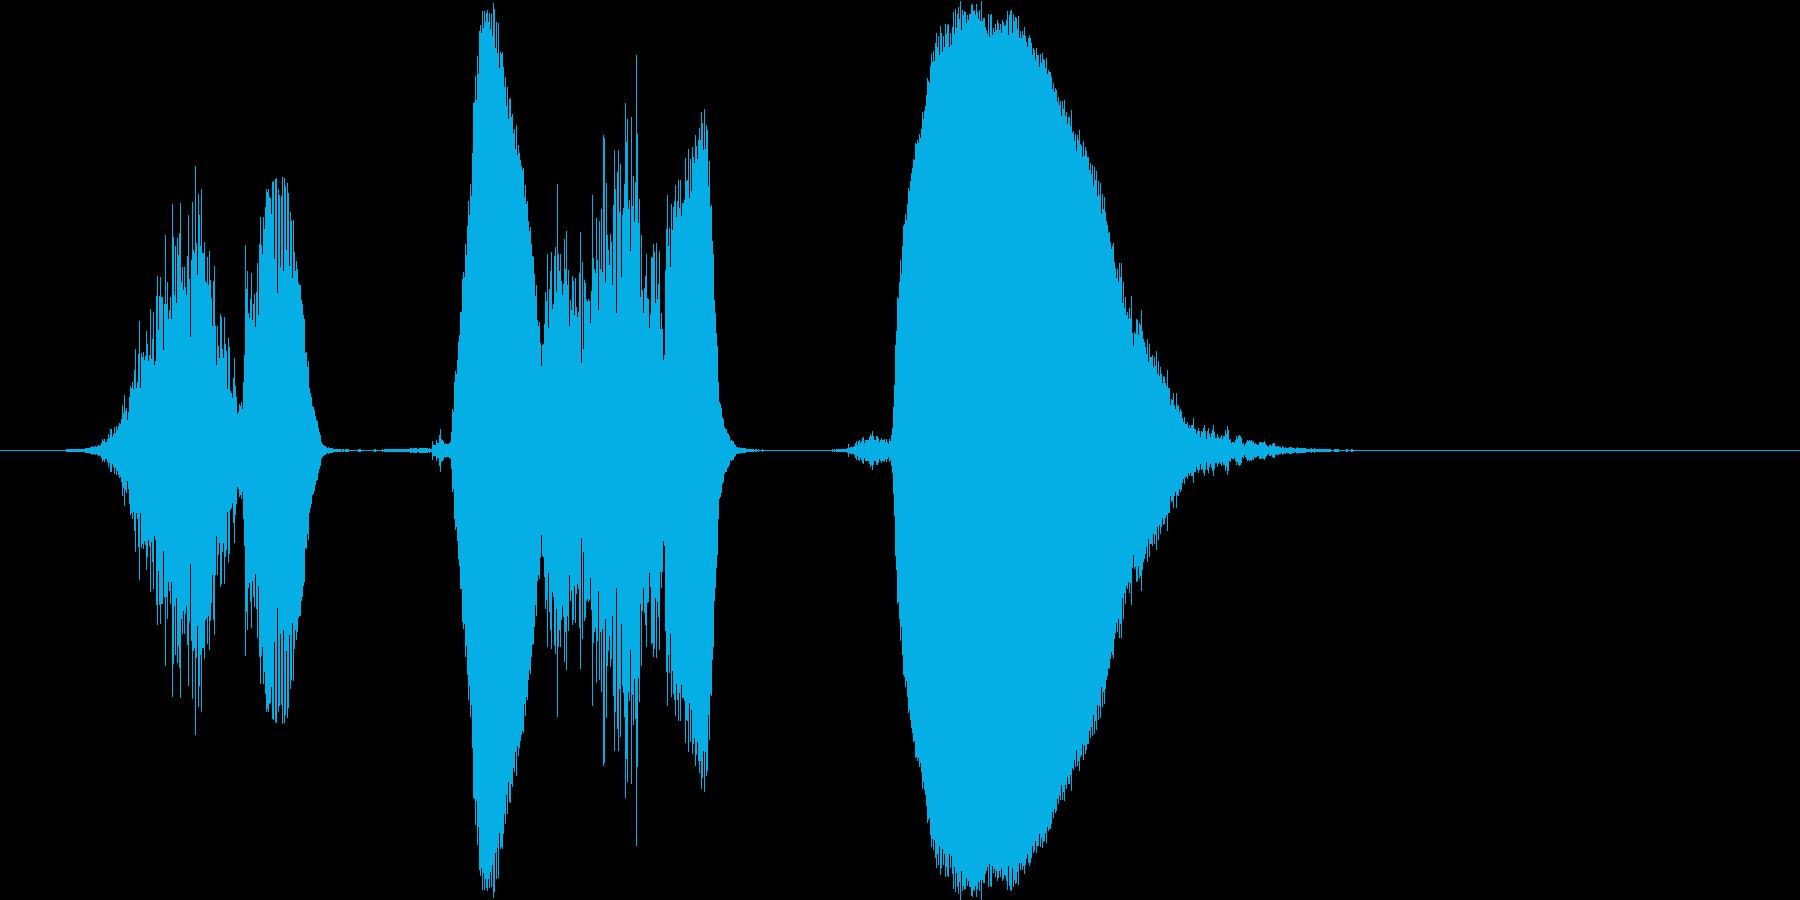 「しくしく」の再生済みの波形